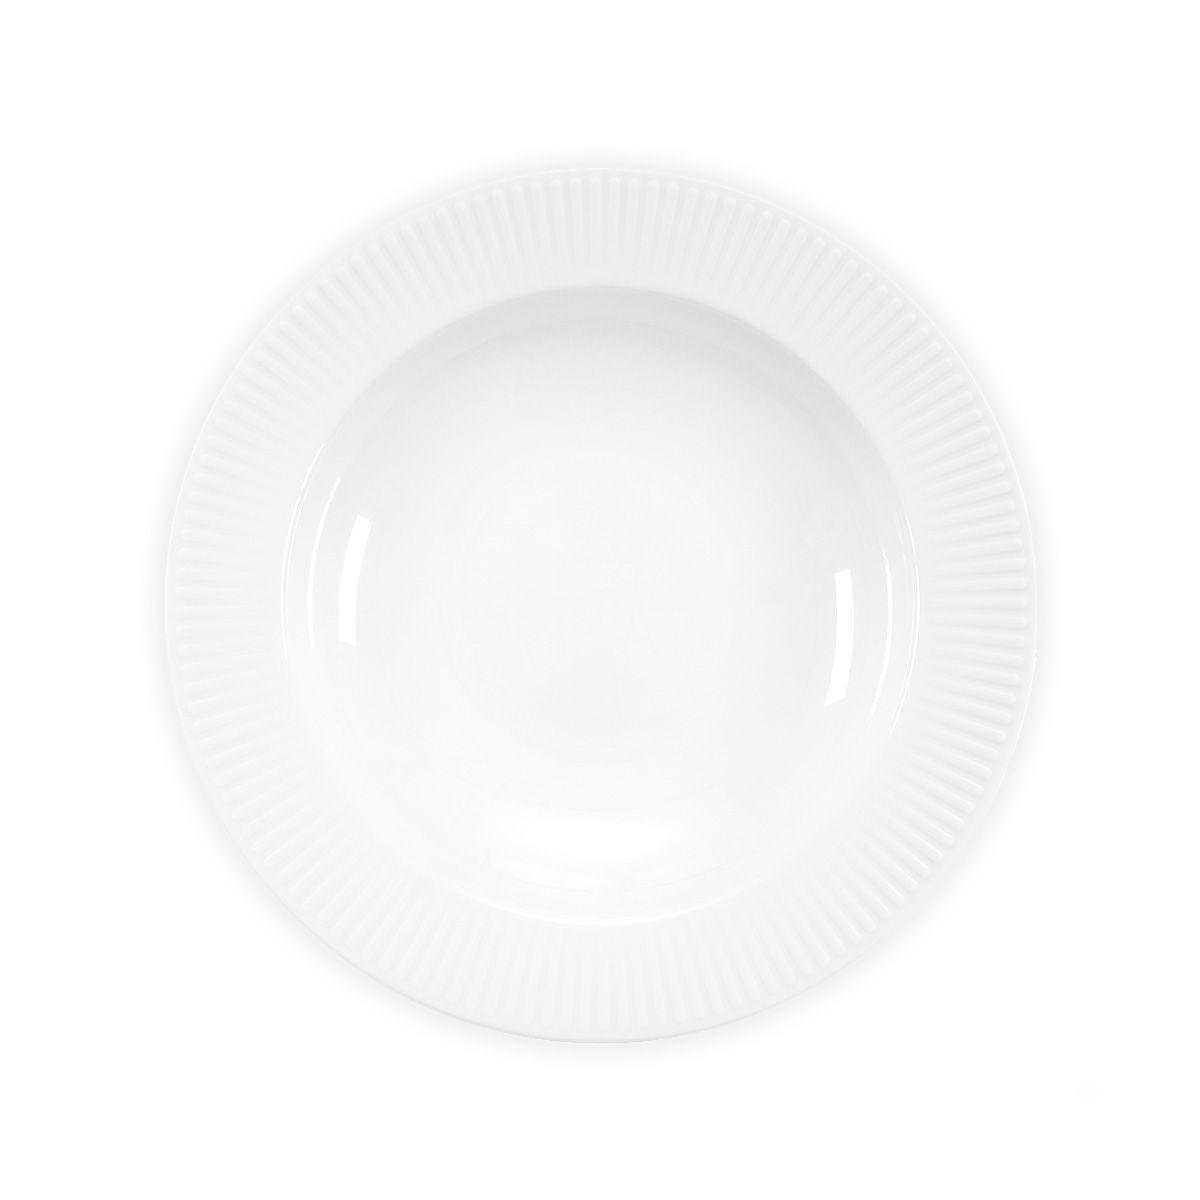 Pasta Plate DOURO Bodum